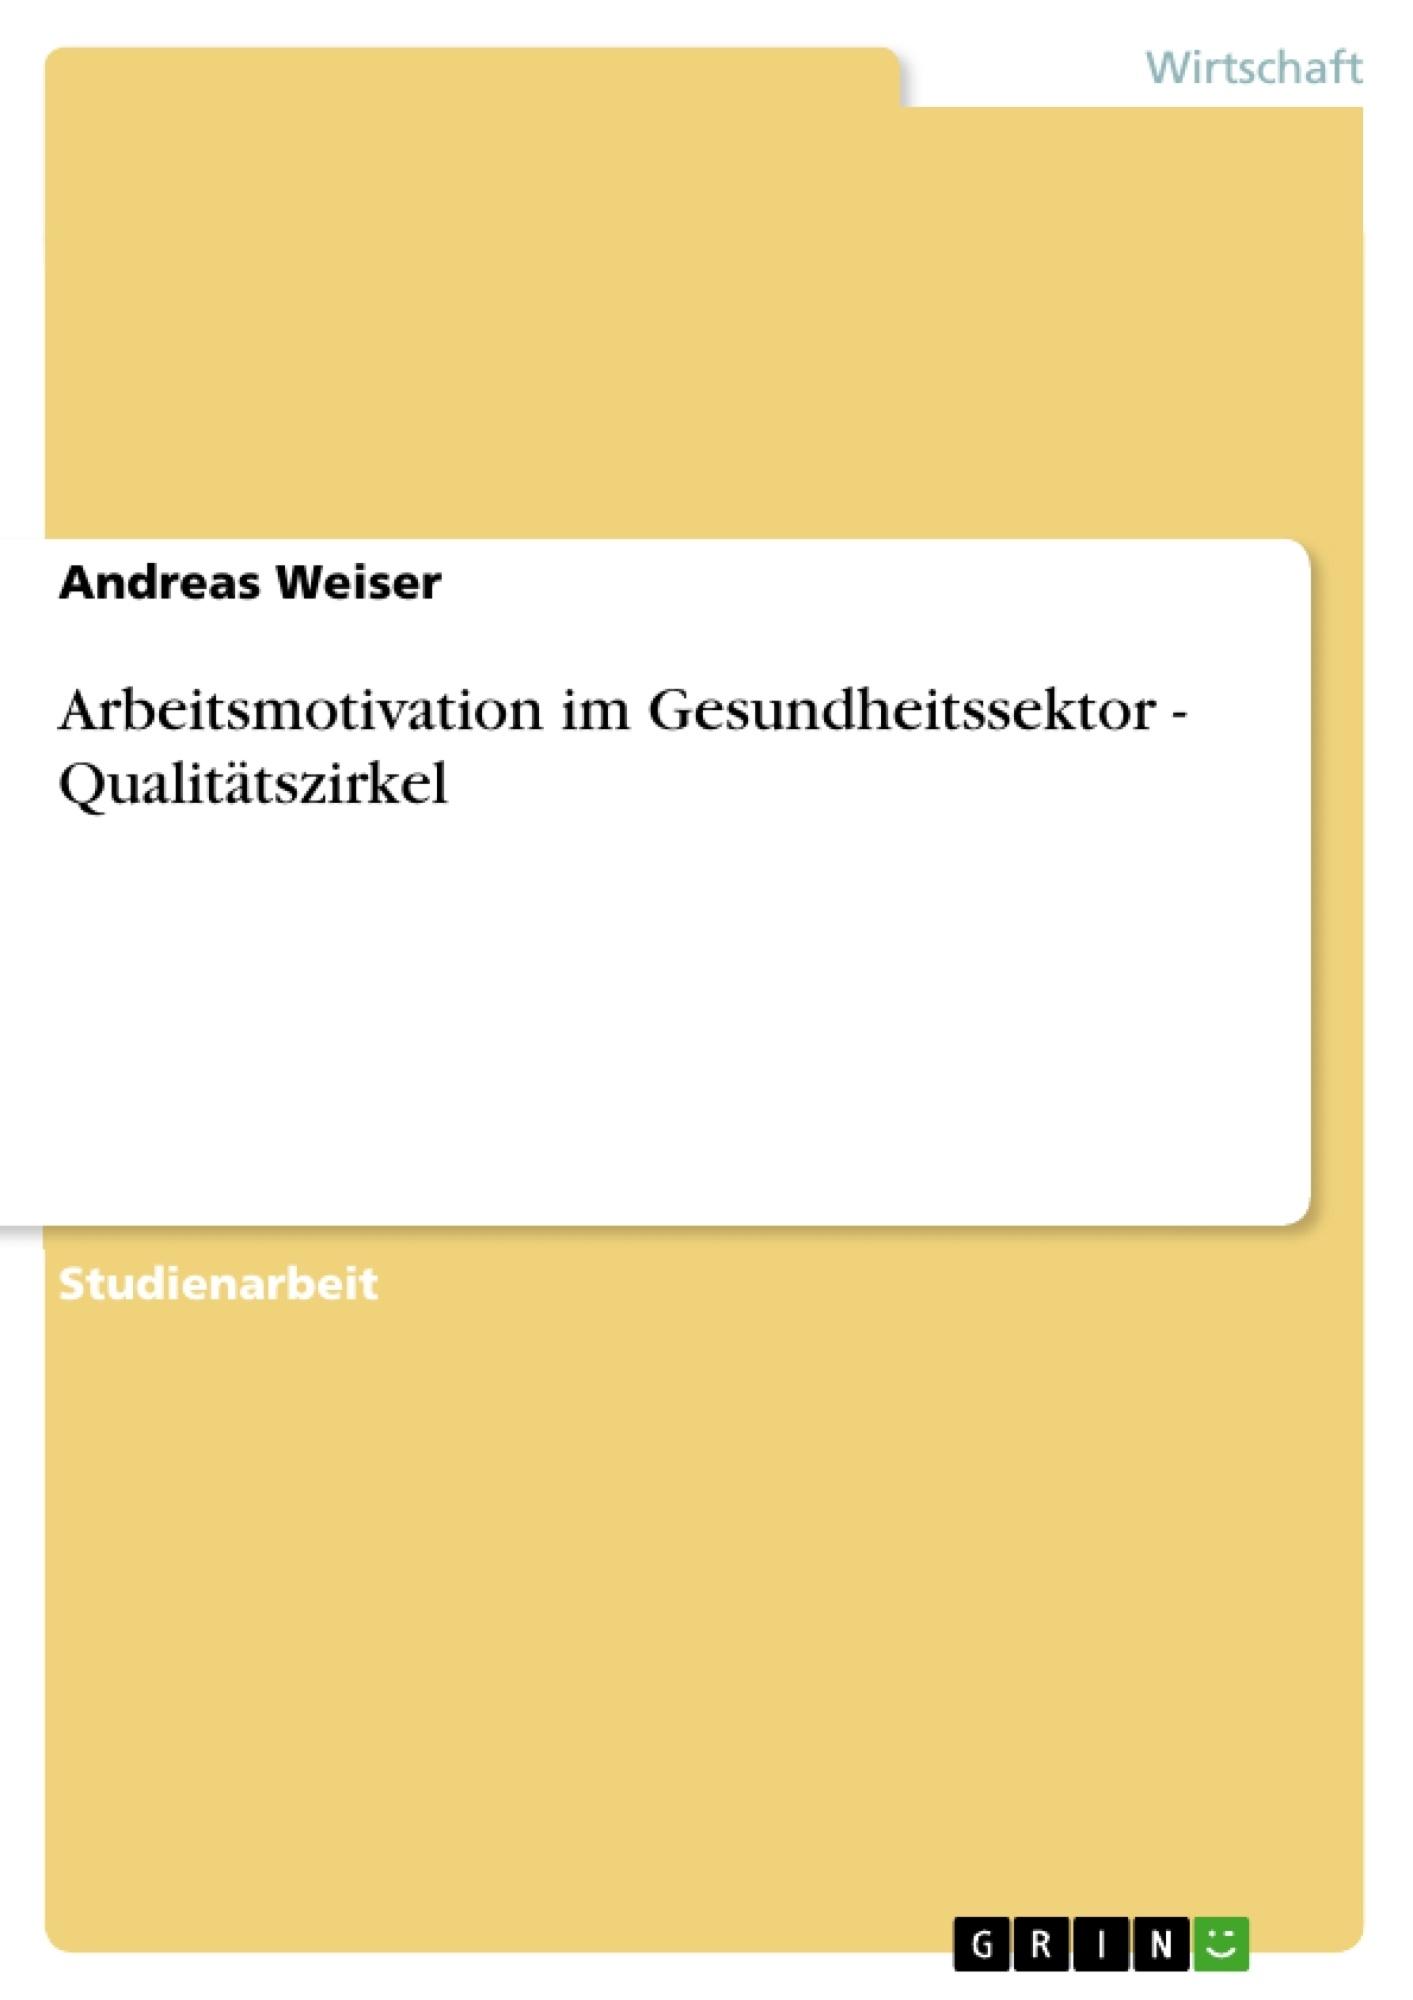 Titel: Arbeitsmotivation im Gesundheitssektor - Qualitätszirkel